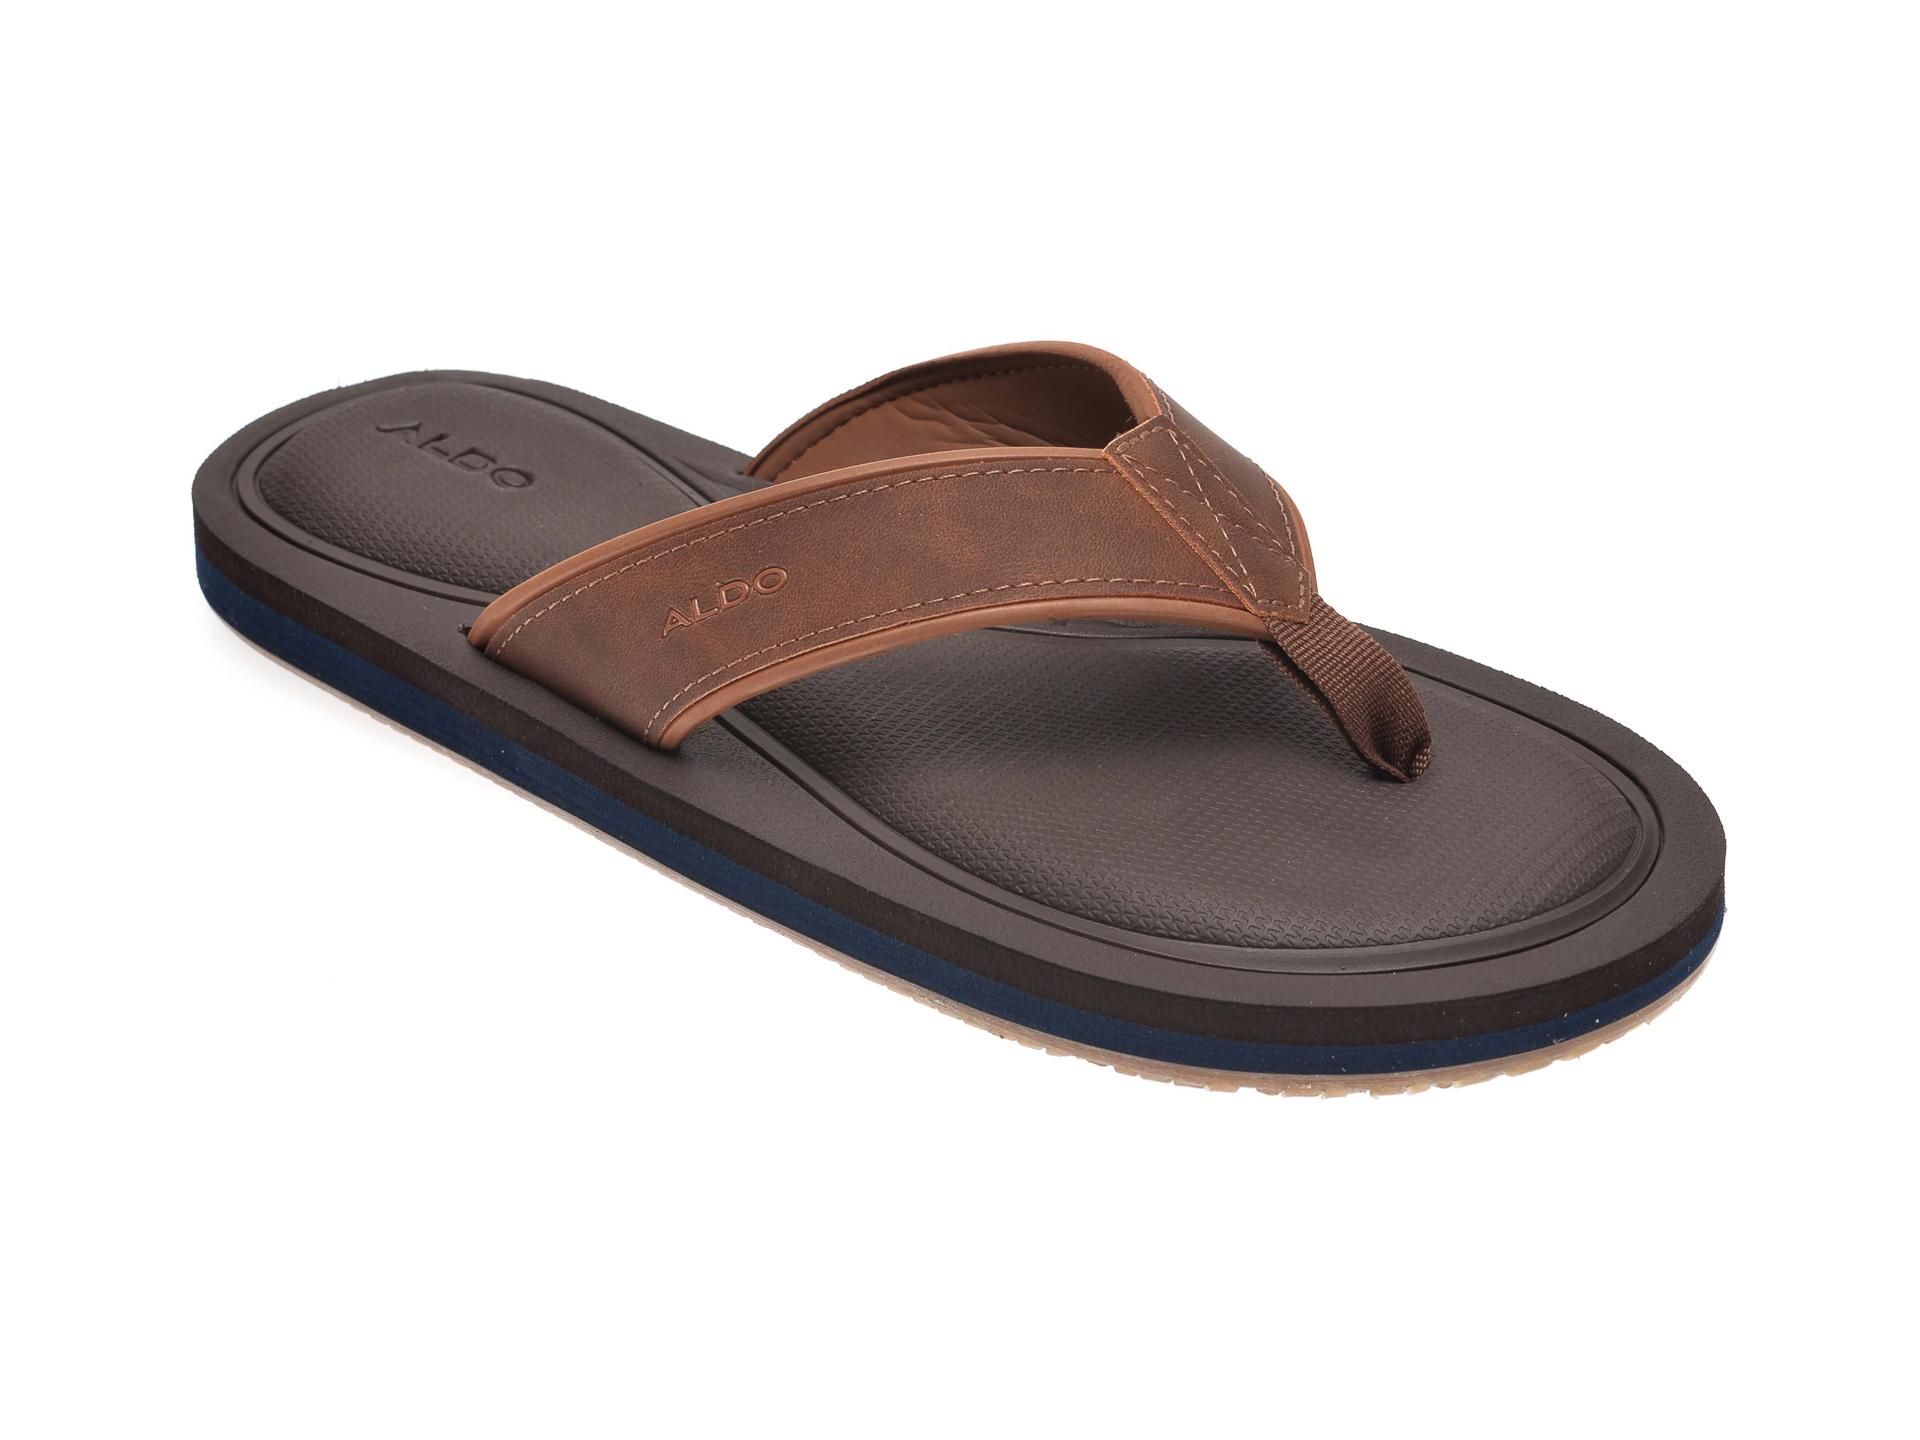 Papuci ALDO maro, Norewiel221, din piele ecologica imagine